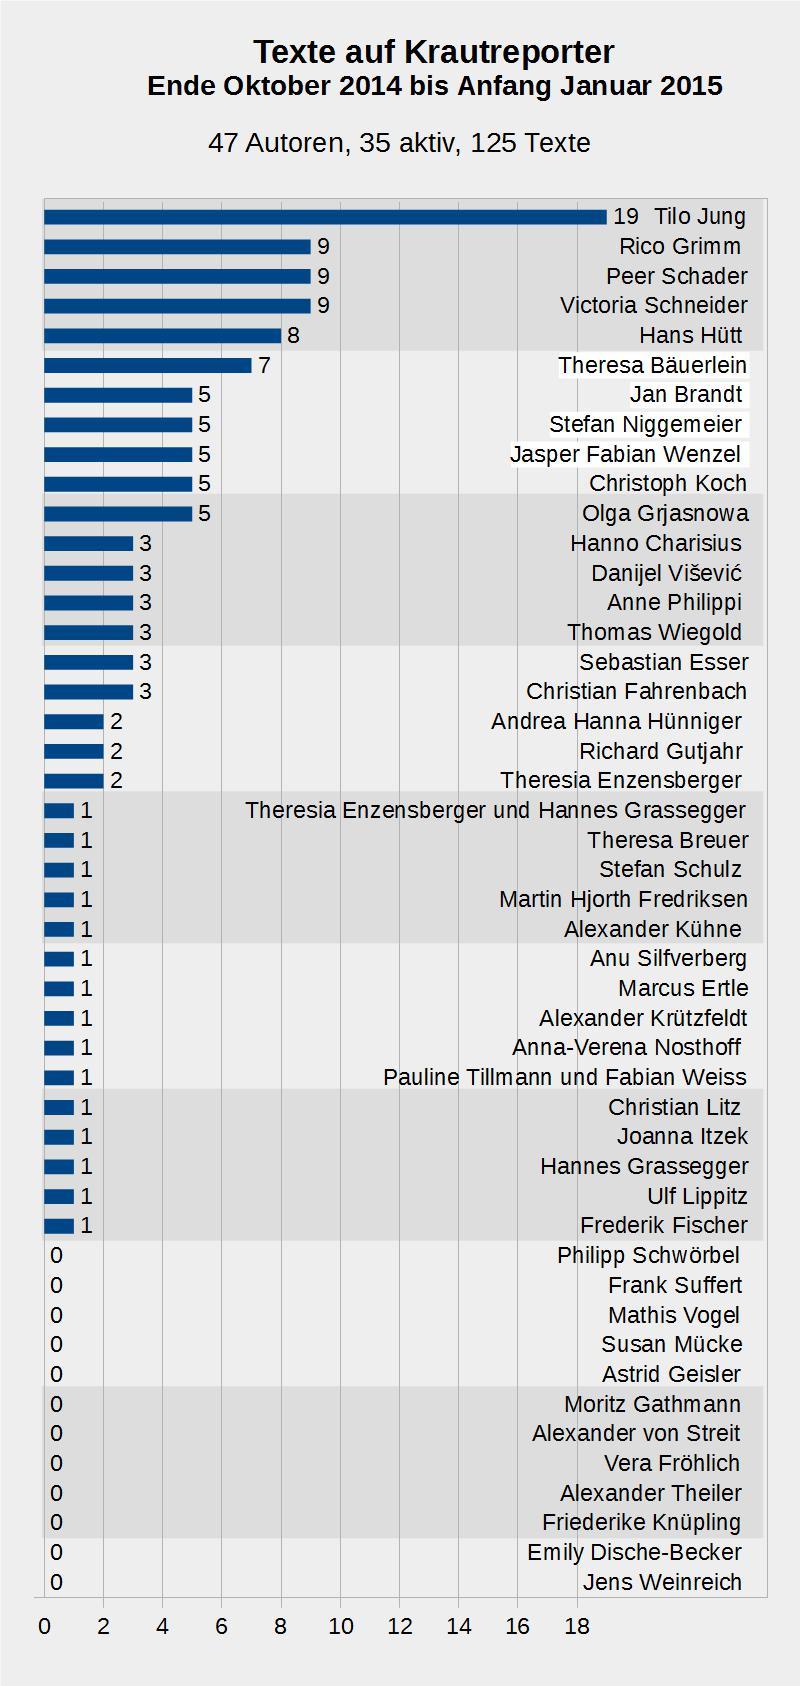 EIn Balkendiagramm. 47 Autorinnen und Autoren werden auf KR genannt, ein Dutzend hat bislang nichts veröffentlicht.